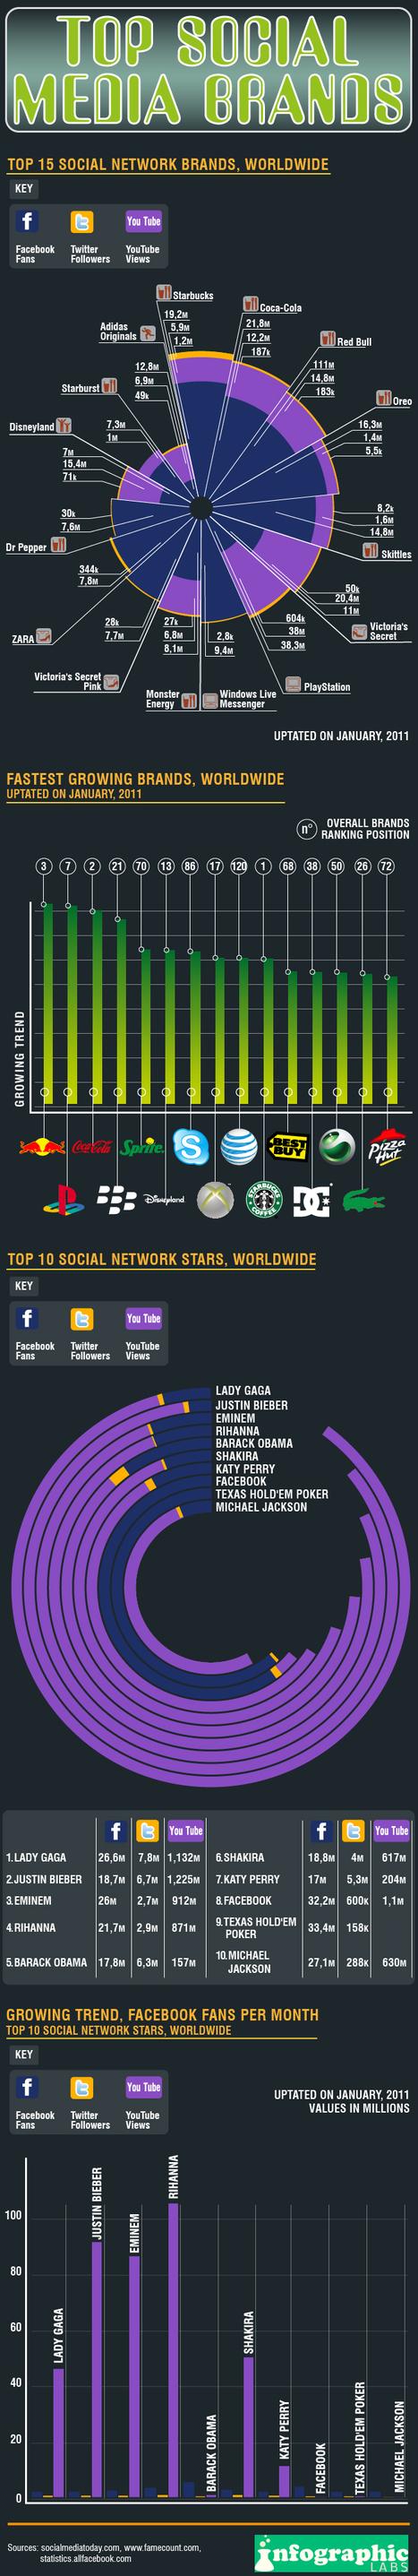 Infographie : les marques sur Facebook - 1 | Ambiance communauté & social media | Scoop.it